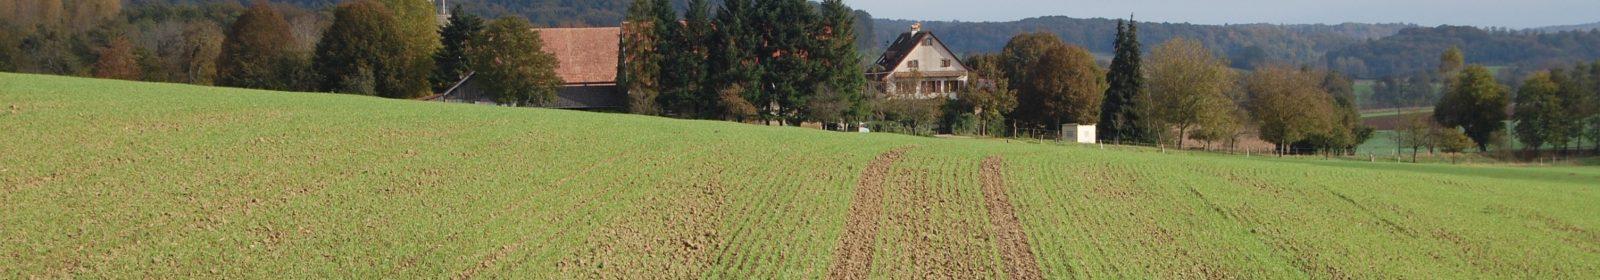 [fr:]Champ de Blé[en:]Wheat Field[de:]Weizenfeld[:]